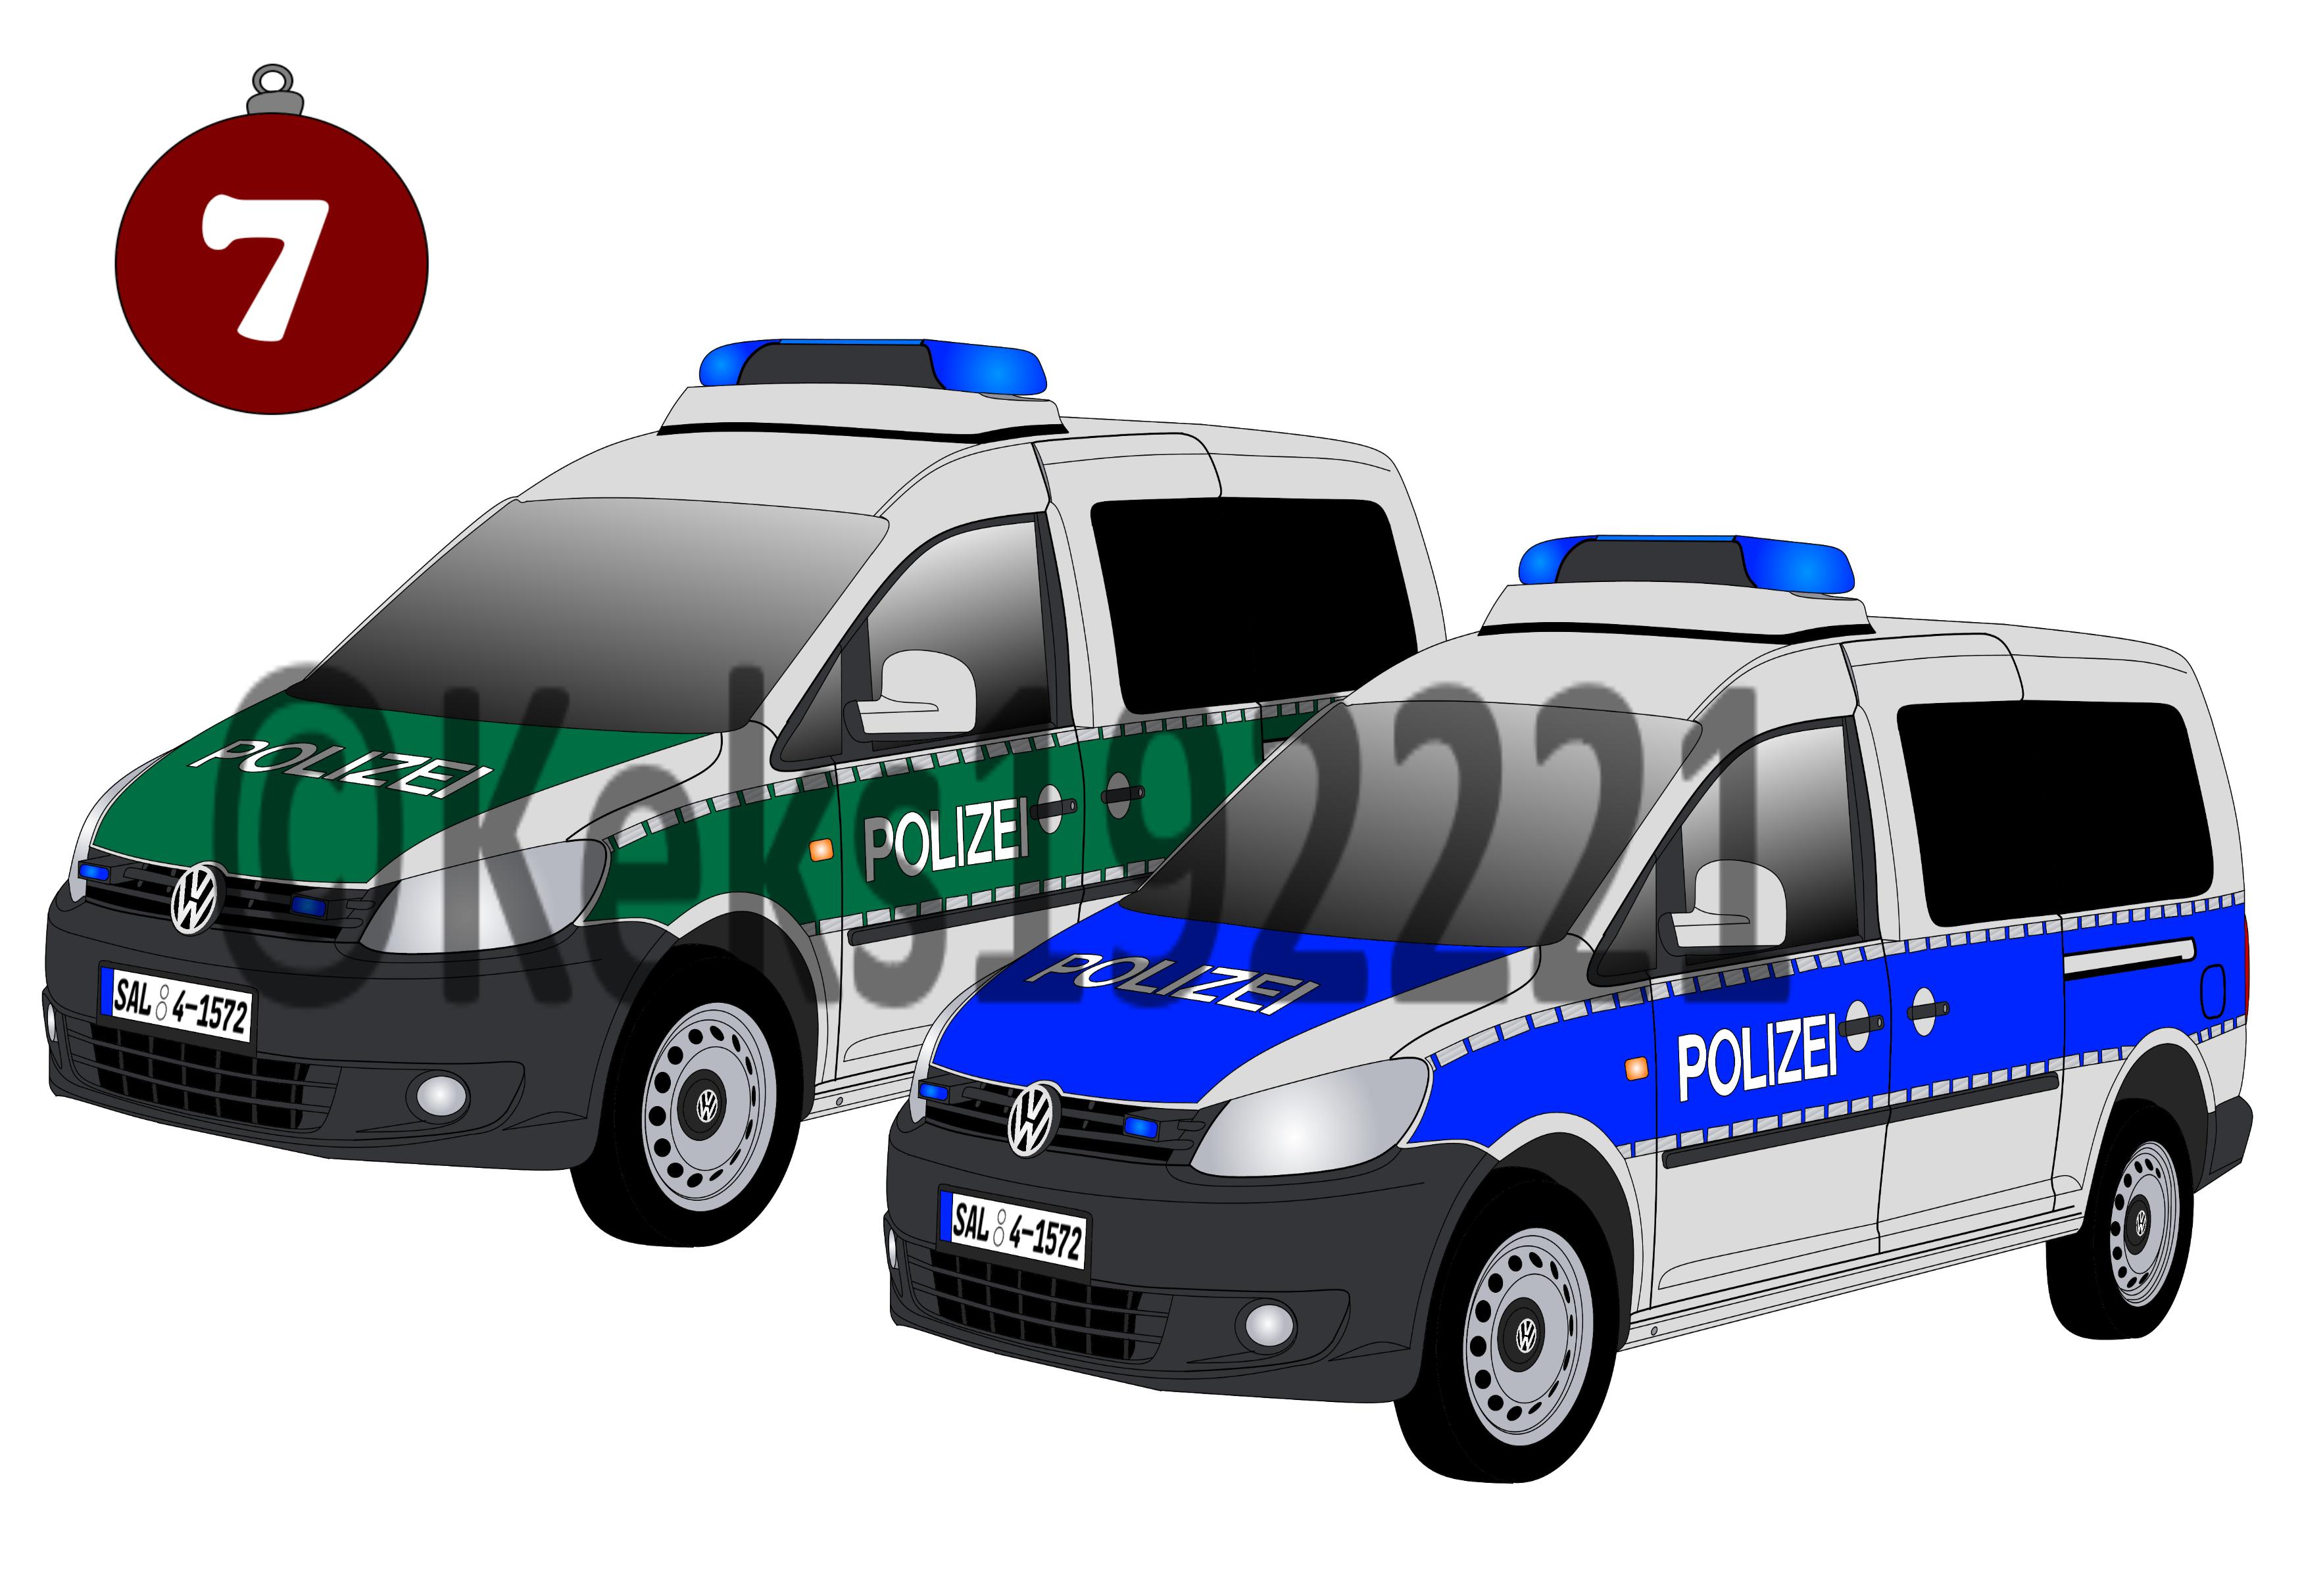 69806-diensthunde-gr%C3%BCn-und-blau-vorschau-png